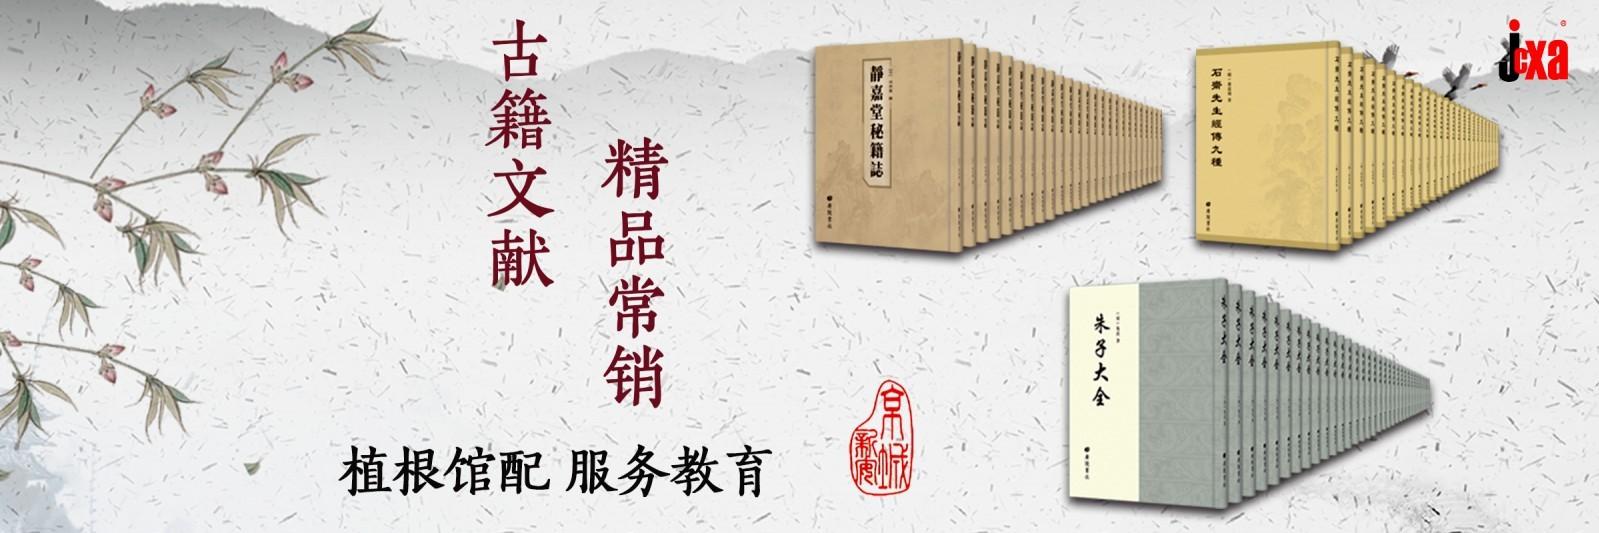 http://shop.kongfz.com/257975/special/62562/